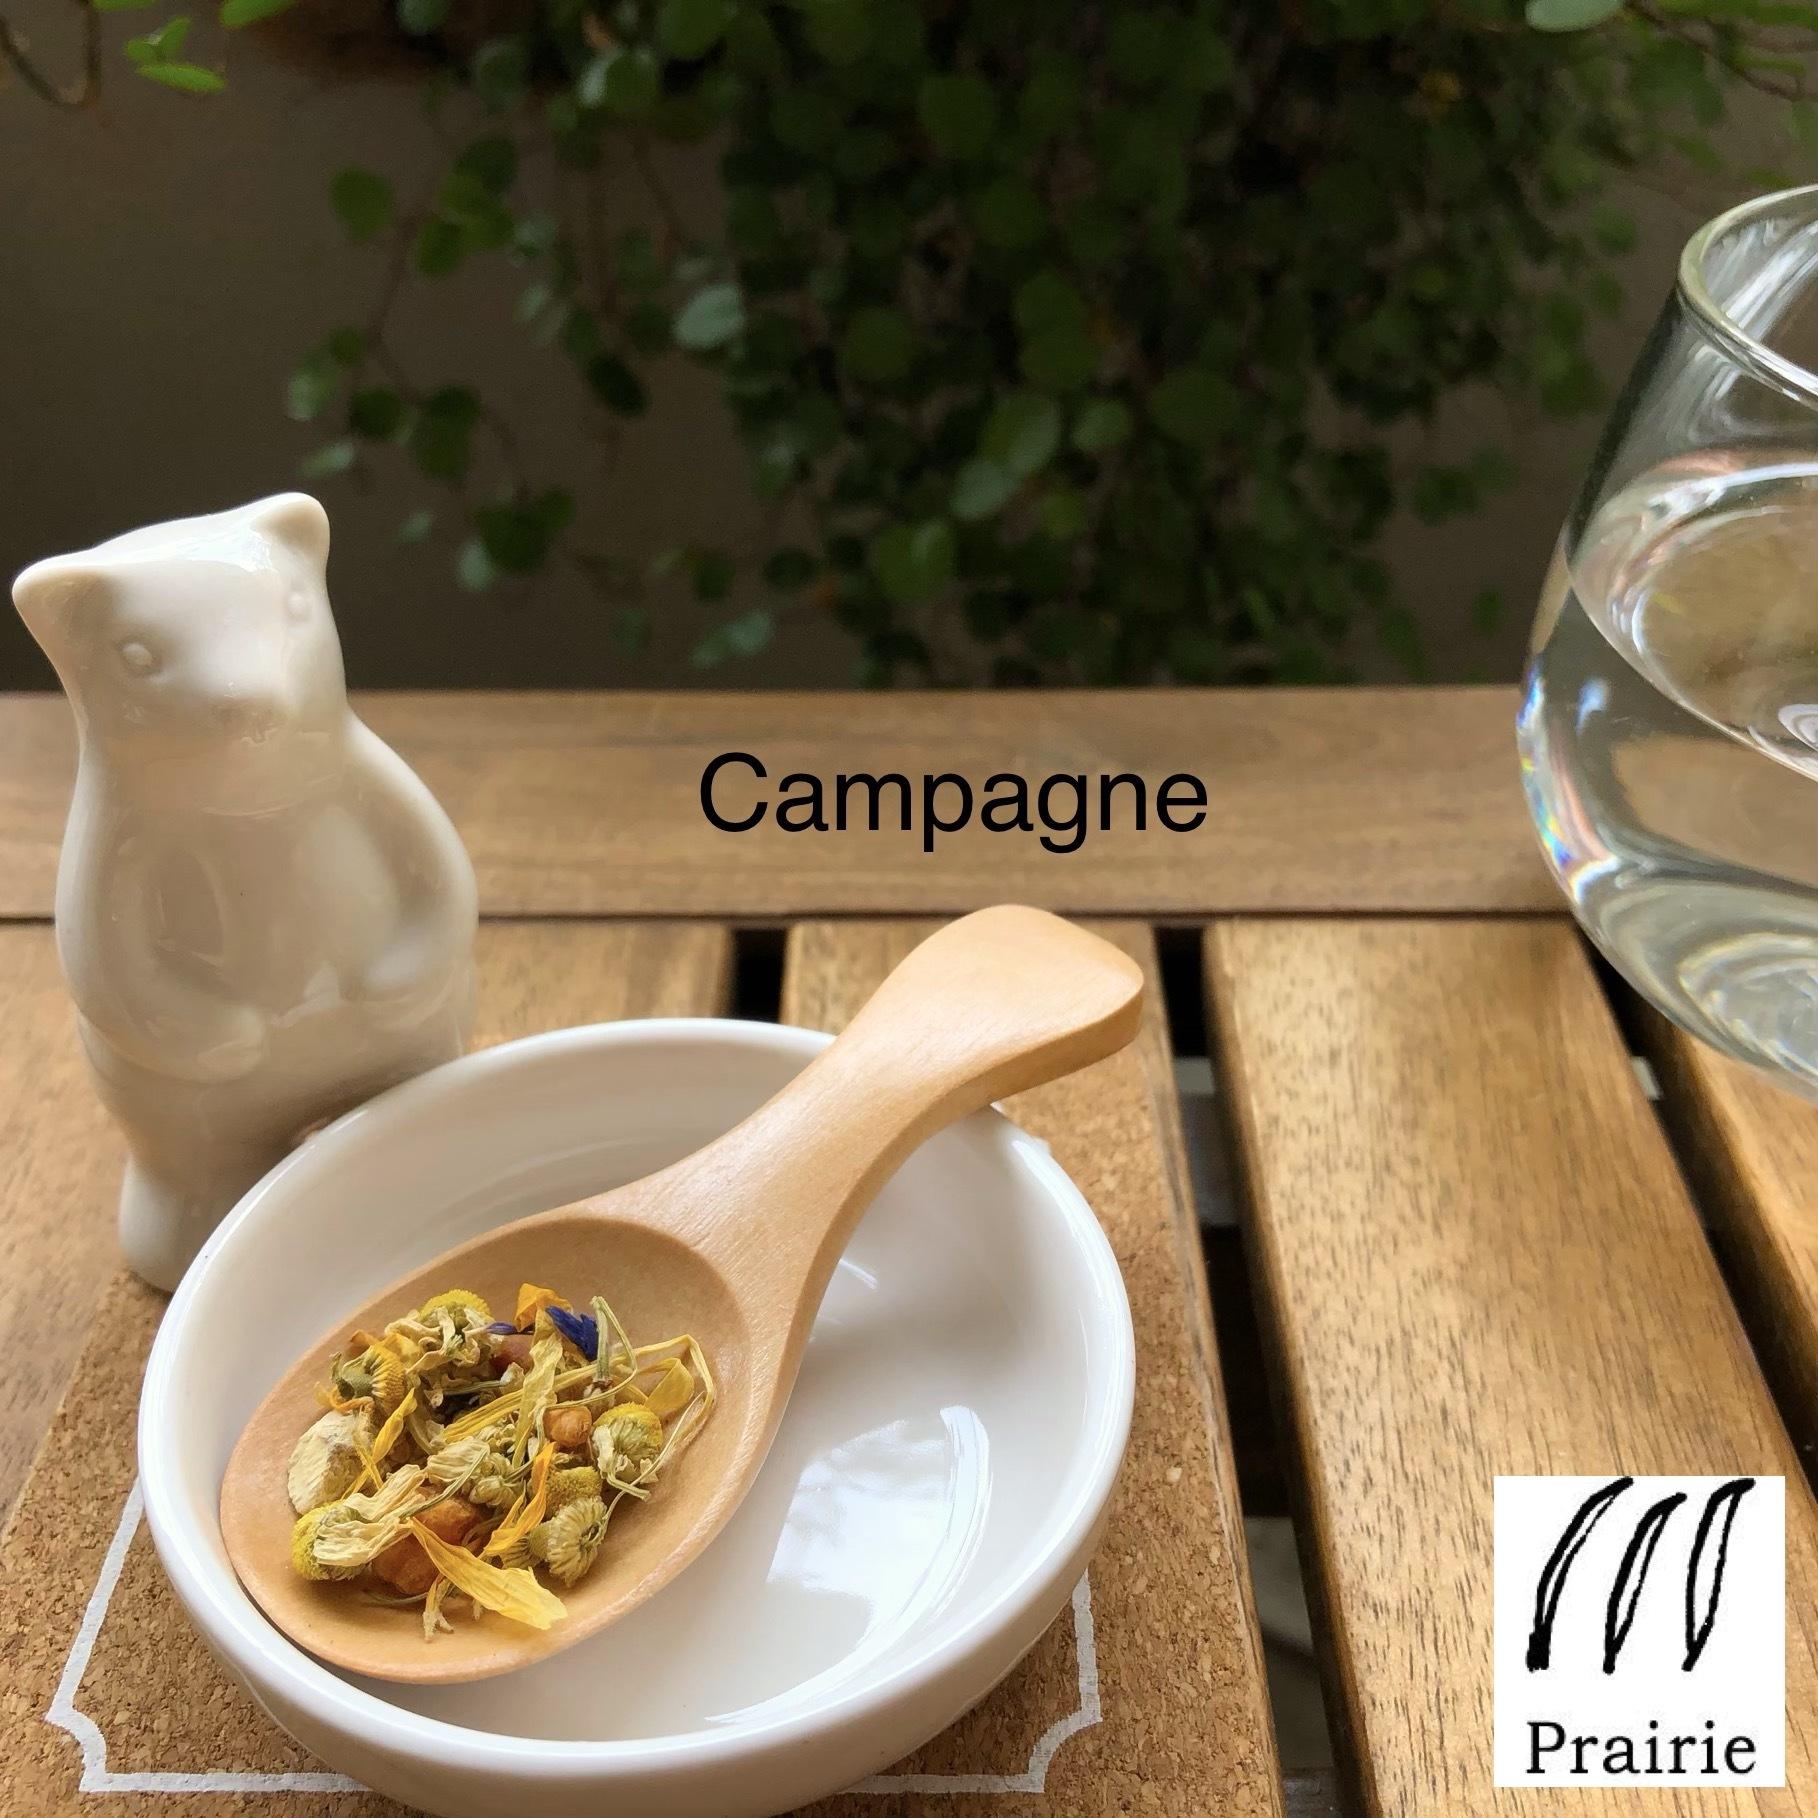 campagne - カンパーニュ - / ブレンドハーブティー ギフト / ティーバッグ5個